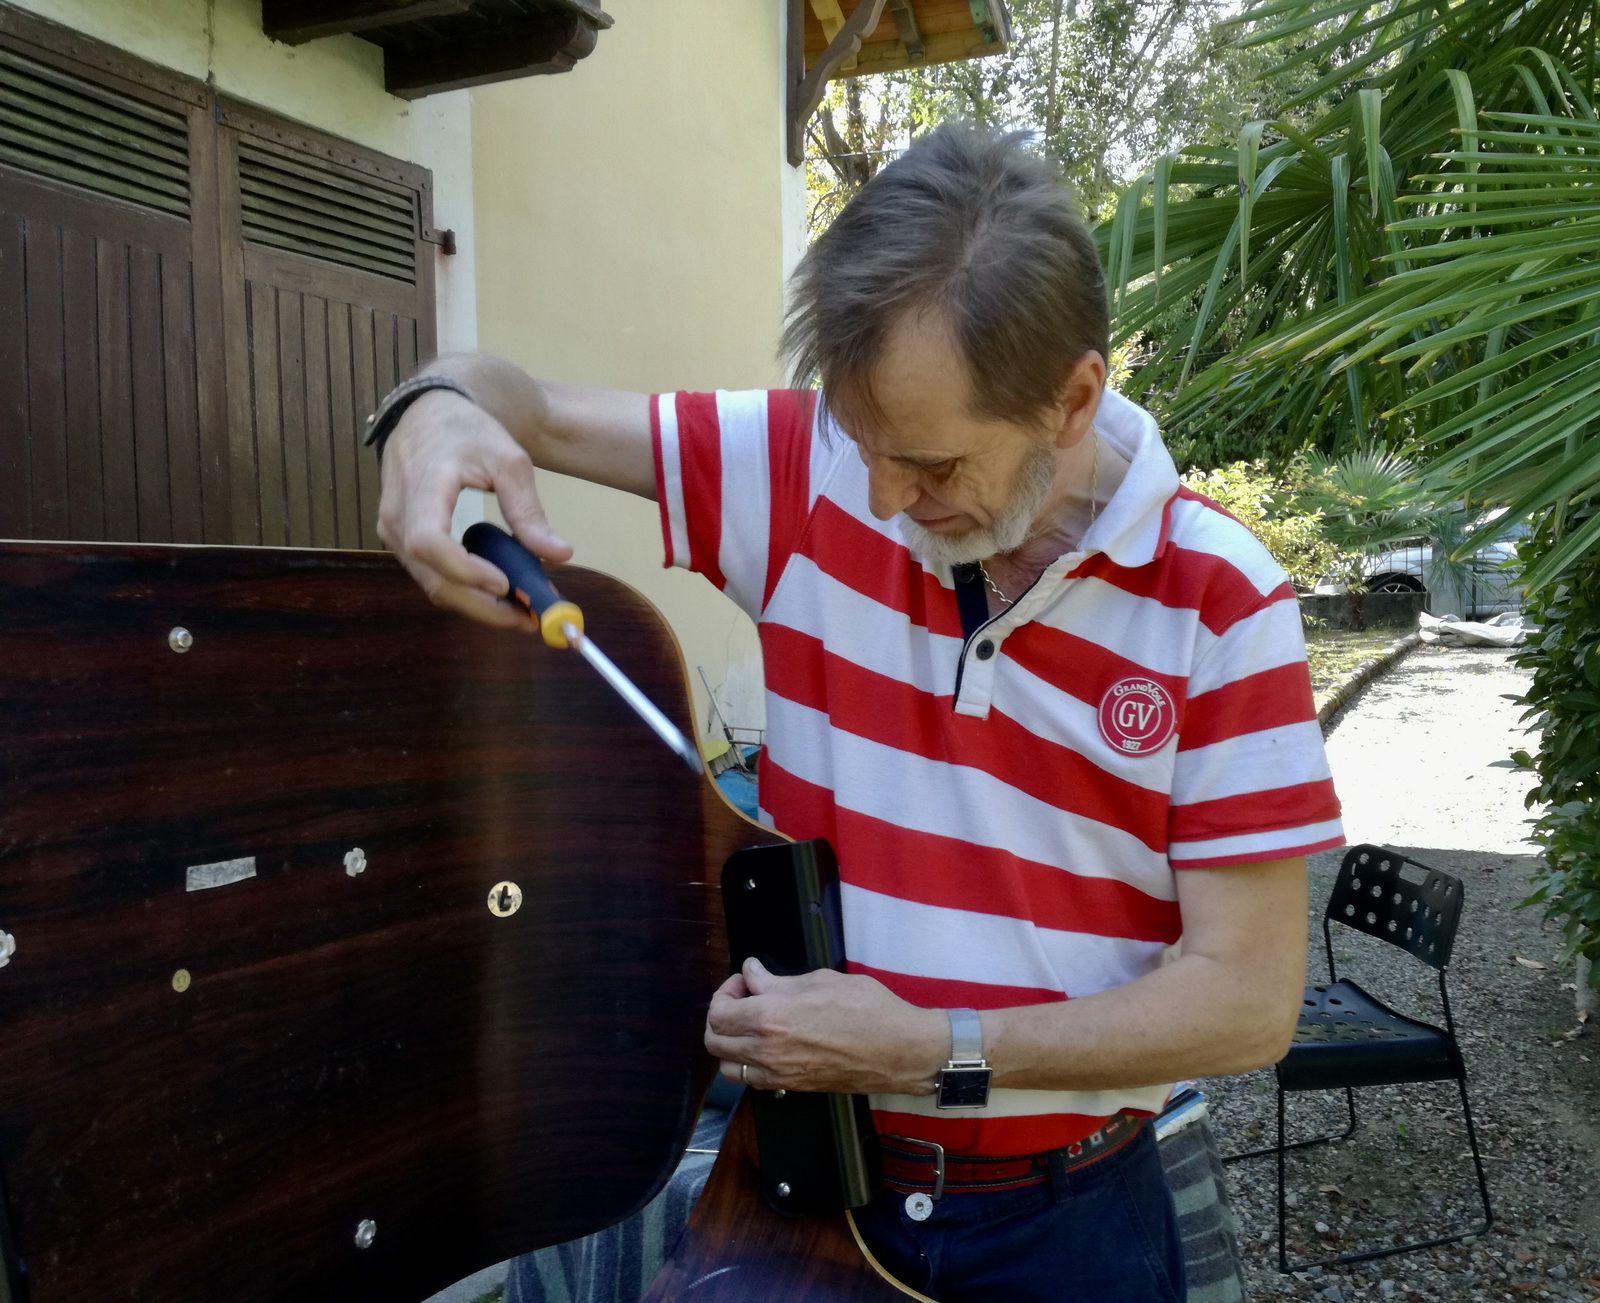 Démontage fauteuil Eames - Atelier Hafner